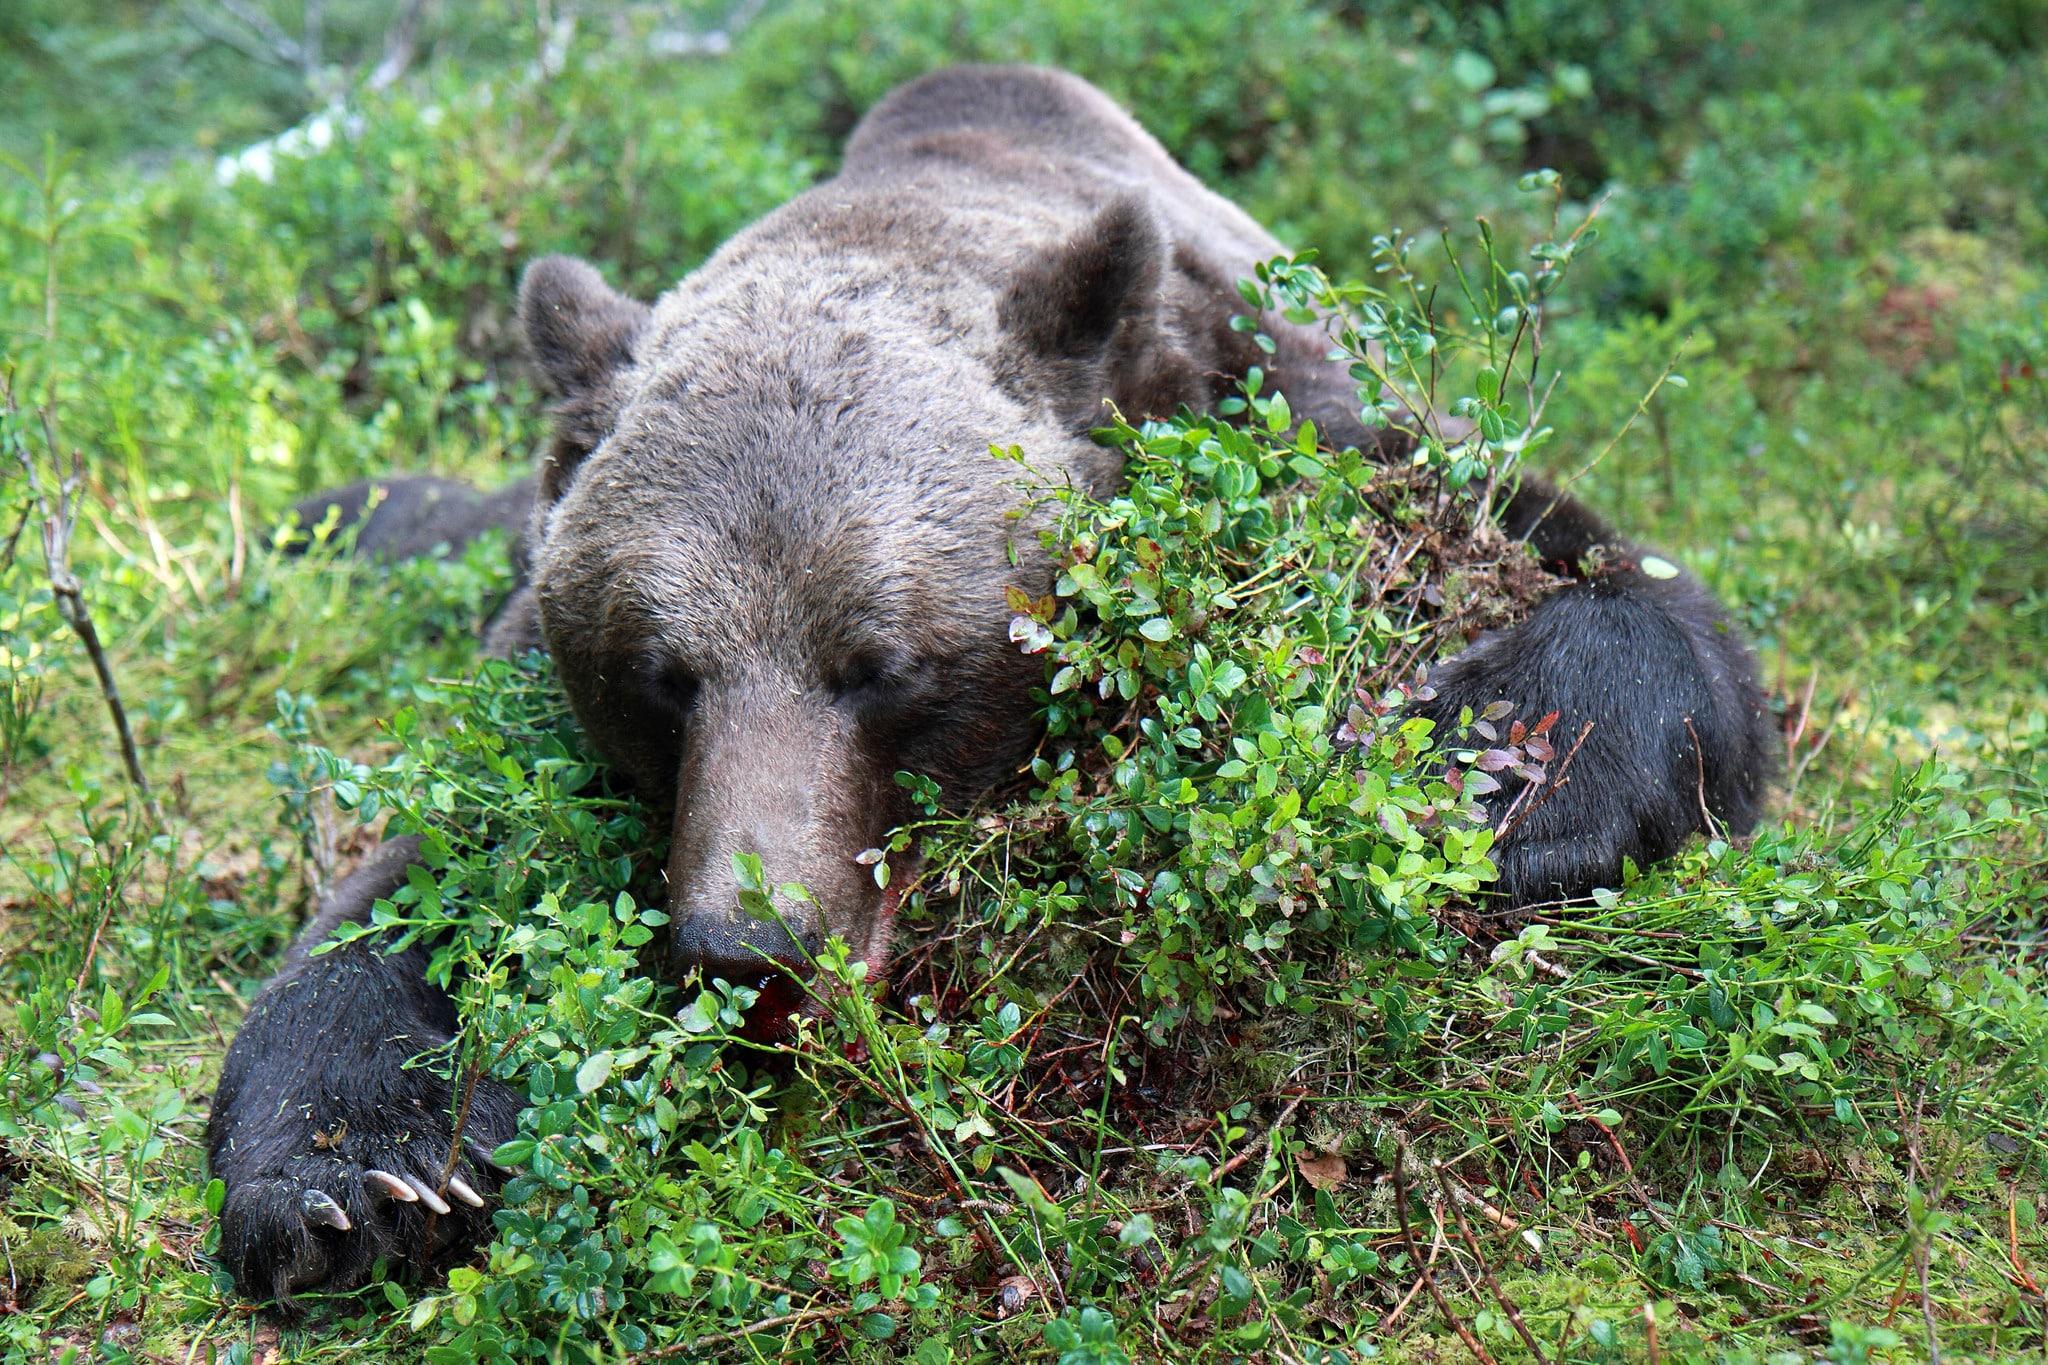 På fredag den 21 augusti börjar björnjakten. Du kan följa den på SVA:s webbplats. Foto: Olle Olsson